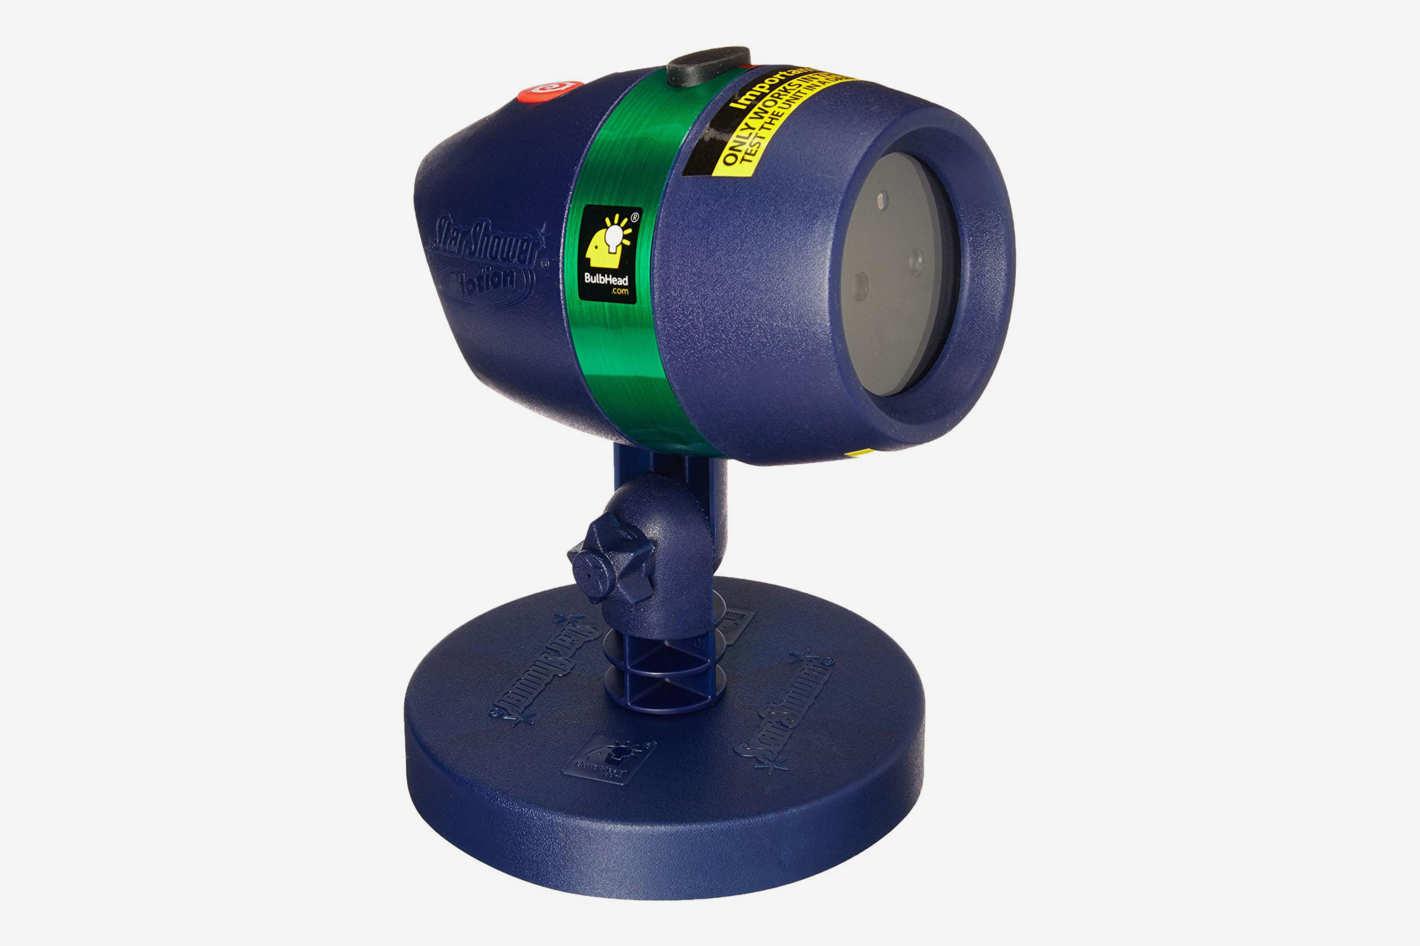 hight resolution of star shower motion laser light